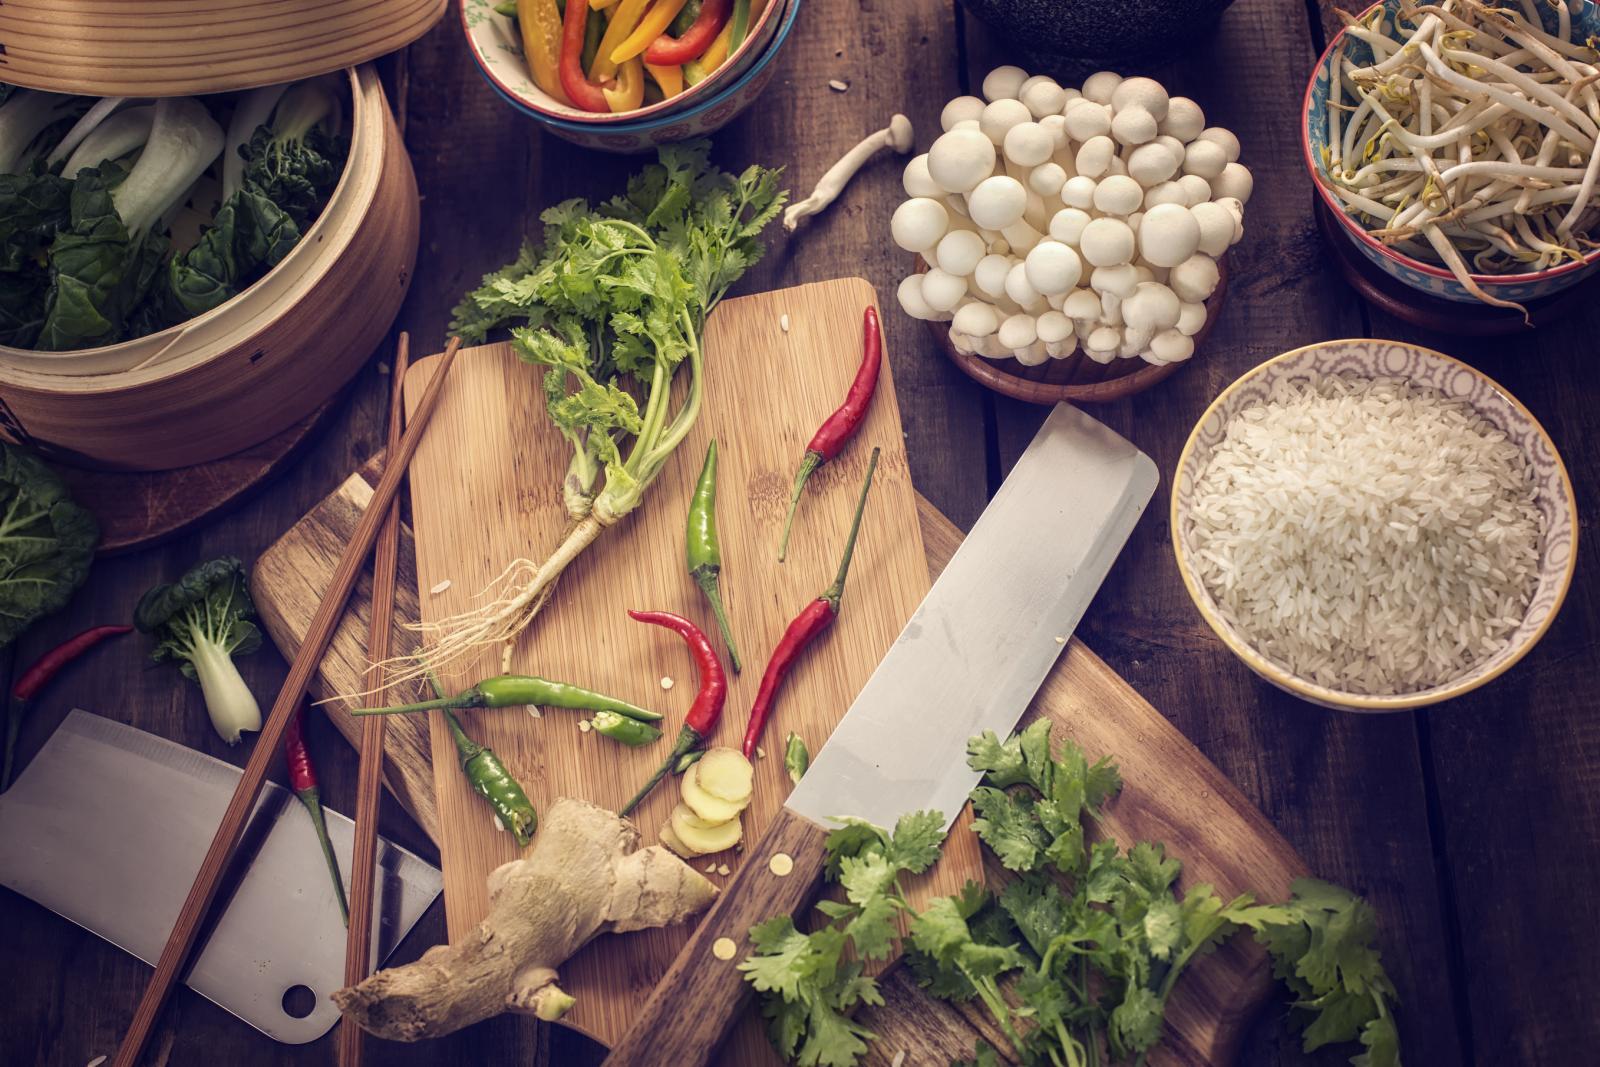 """U kineskoj medicini postoje tri biljke koje se nazivaju """"pokretačima krvi"""" jer bude uspavanu energiju u nama te poticanjem vrenja u žilama ubijaju neželjene mikrobe."""